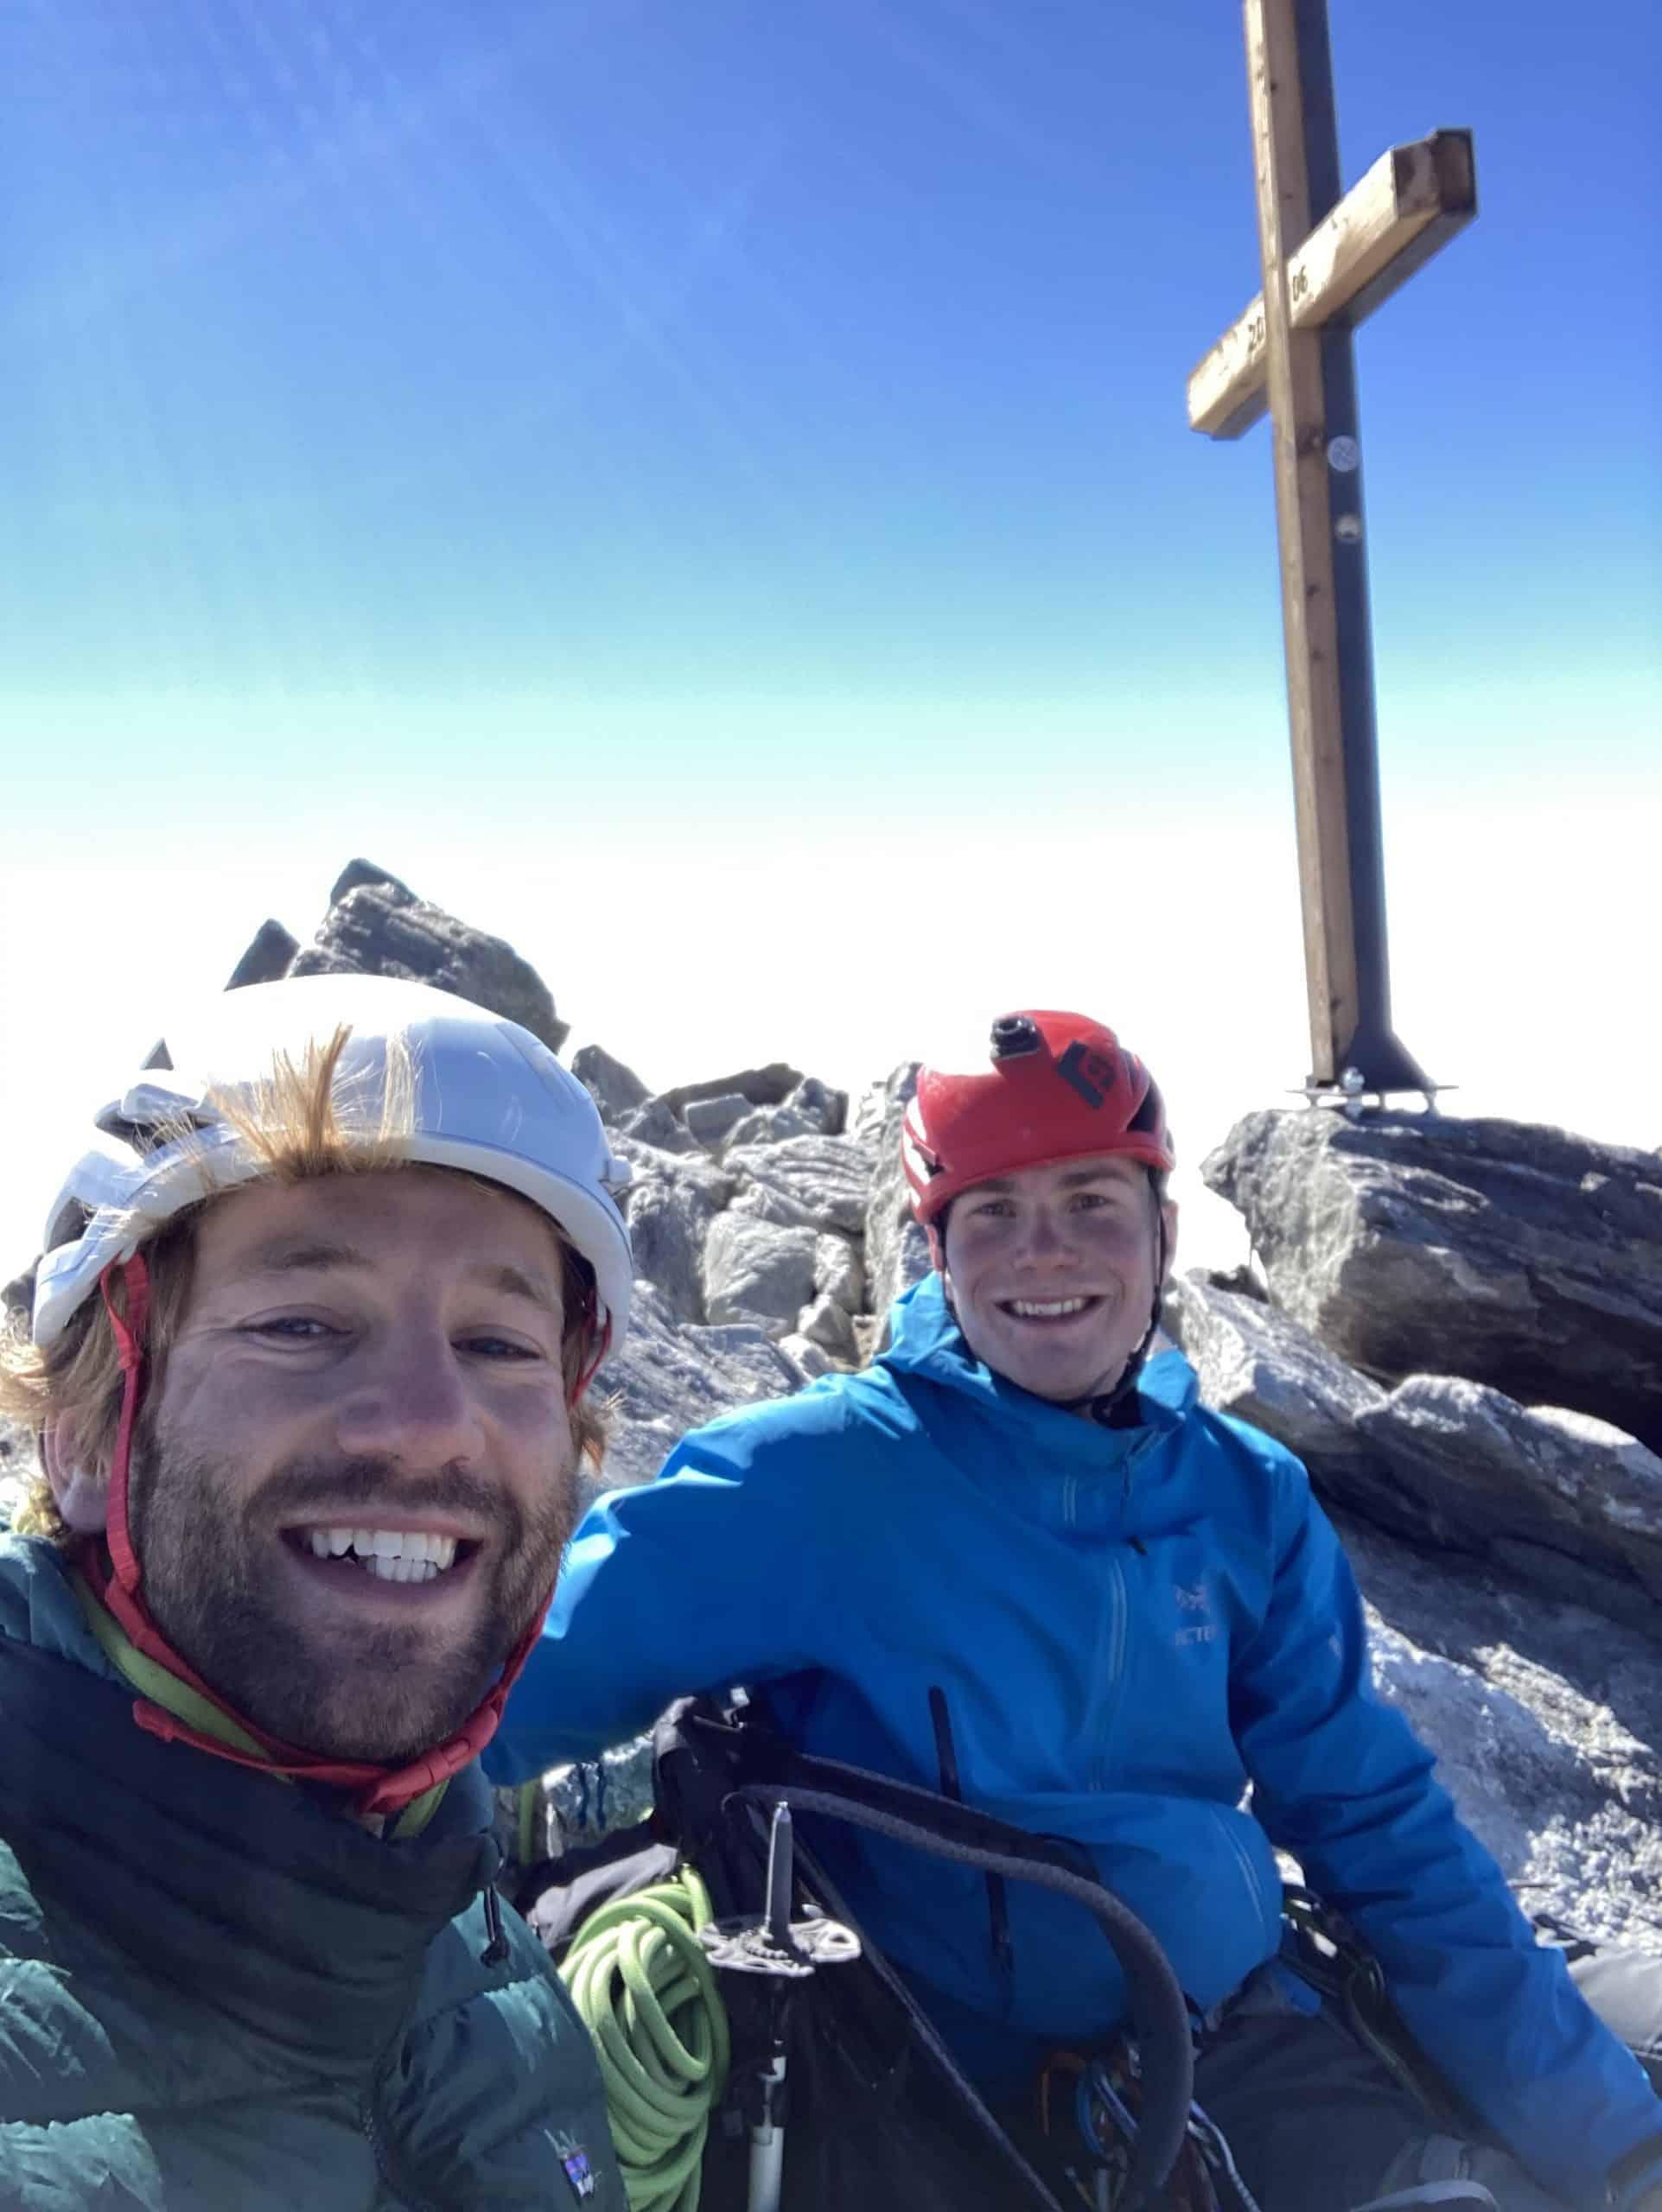 IMG 6145 1 scaled - Lagginhorn - Gipfelglück im zweiten Versuch?